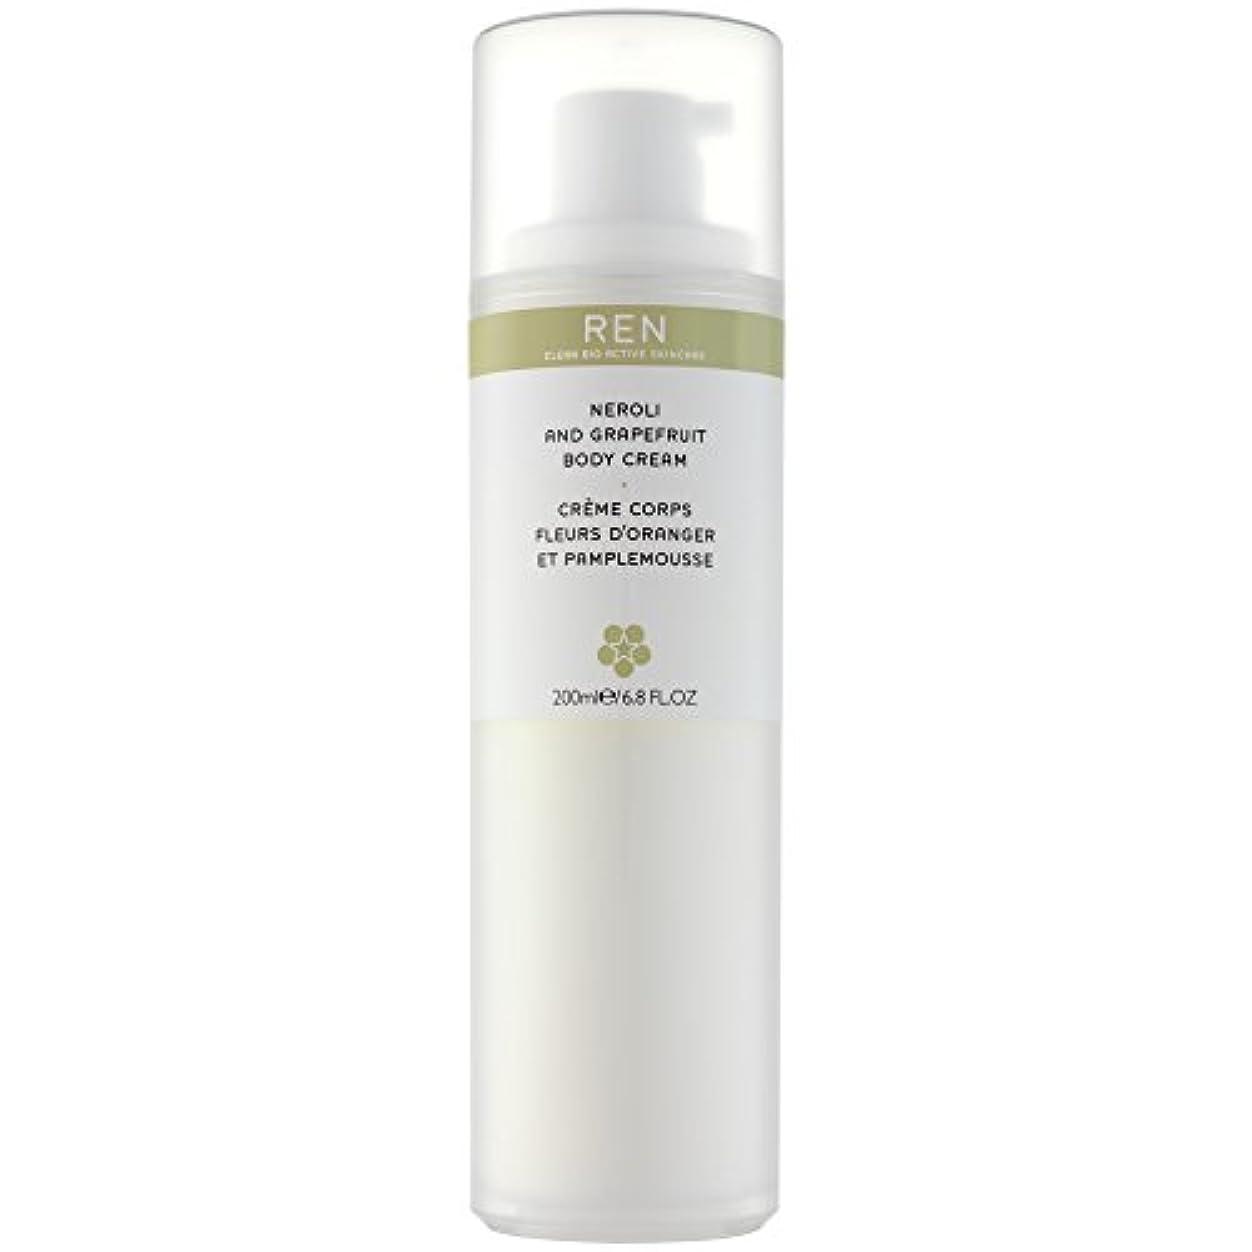 絶対に事前トランスミッションRenネロリとグレープフルーツボディクリーム200ミリリットル (REN) (x6) - REN Neroli and Grapefruit Body Cream 200ml (Pack of 6) [並行輸入品]